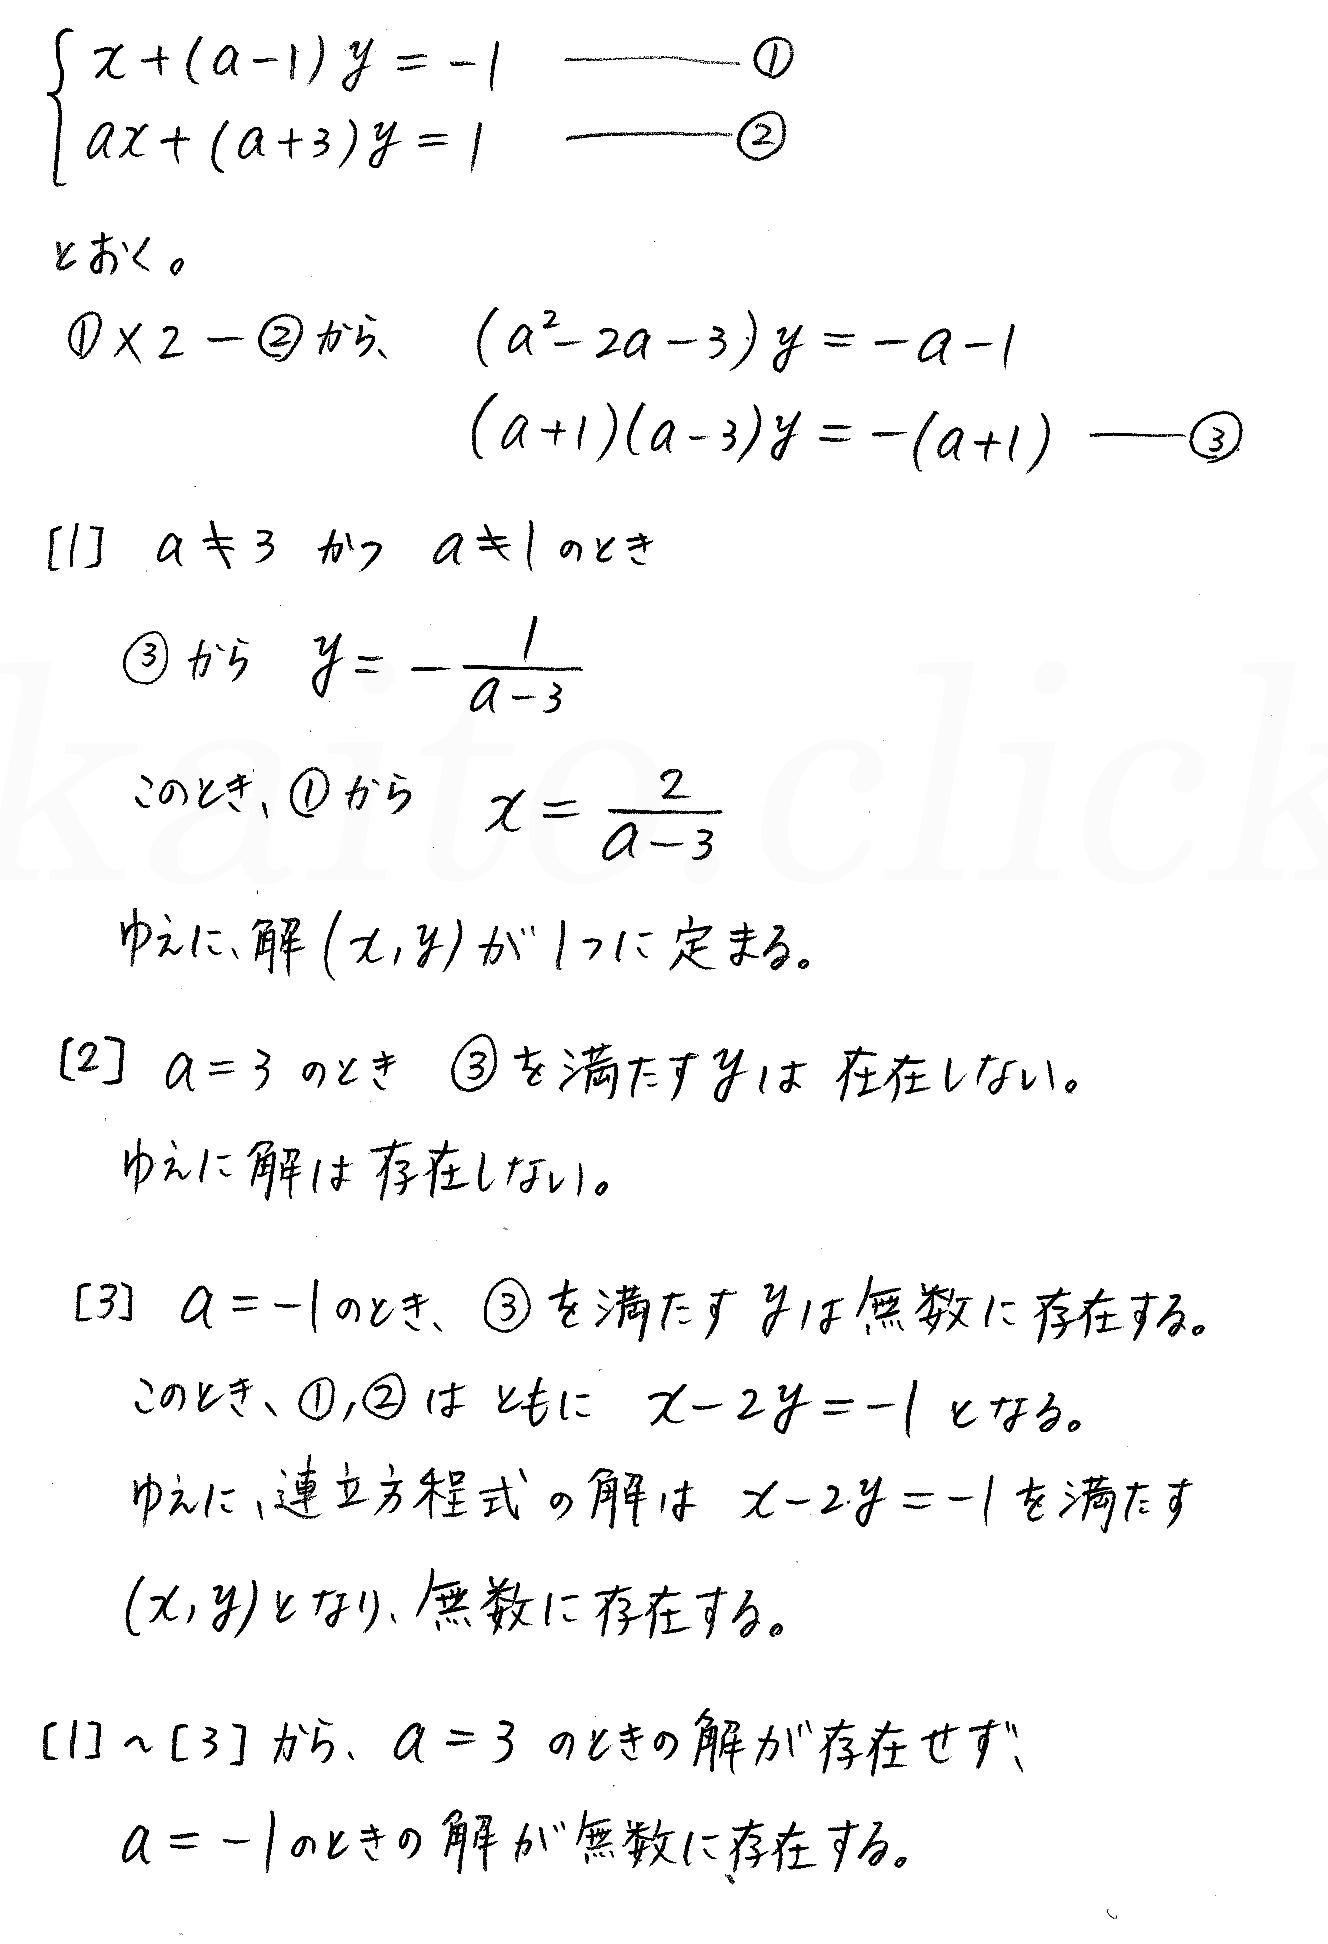 クリアー数学演習12AB受験編-17解答